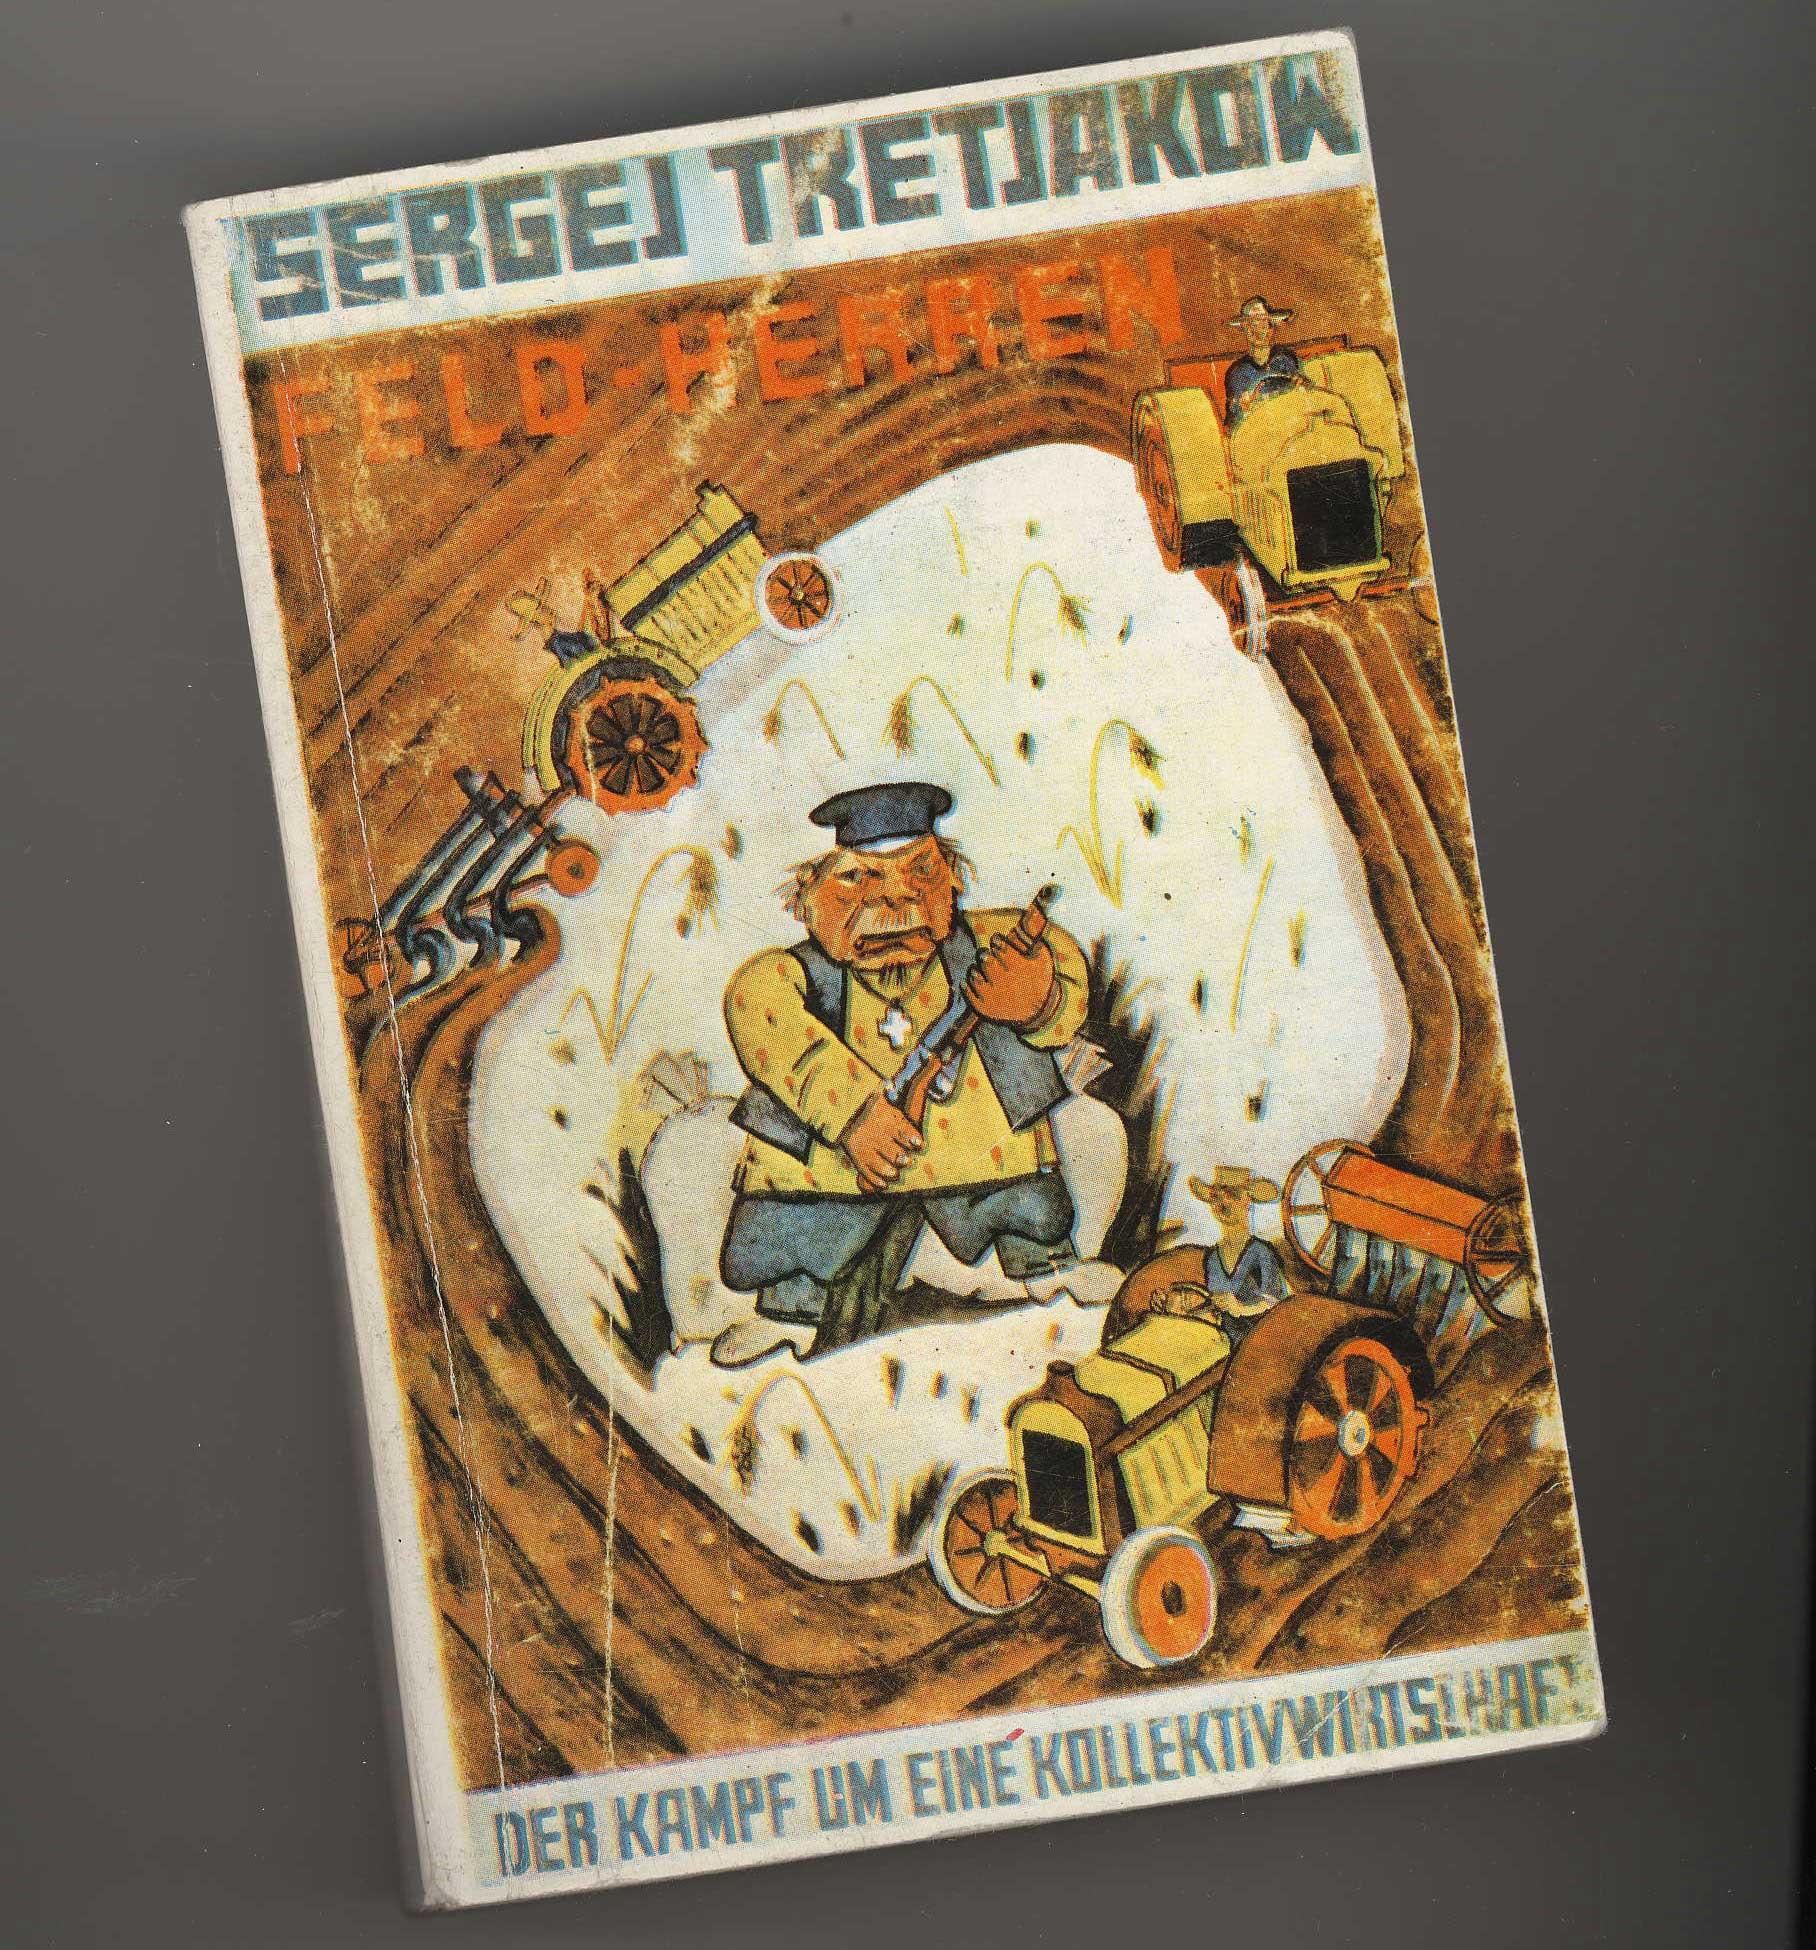 Buchcover Sergei Tretjakow: Feld-Herren, Berlin, 1931